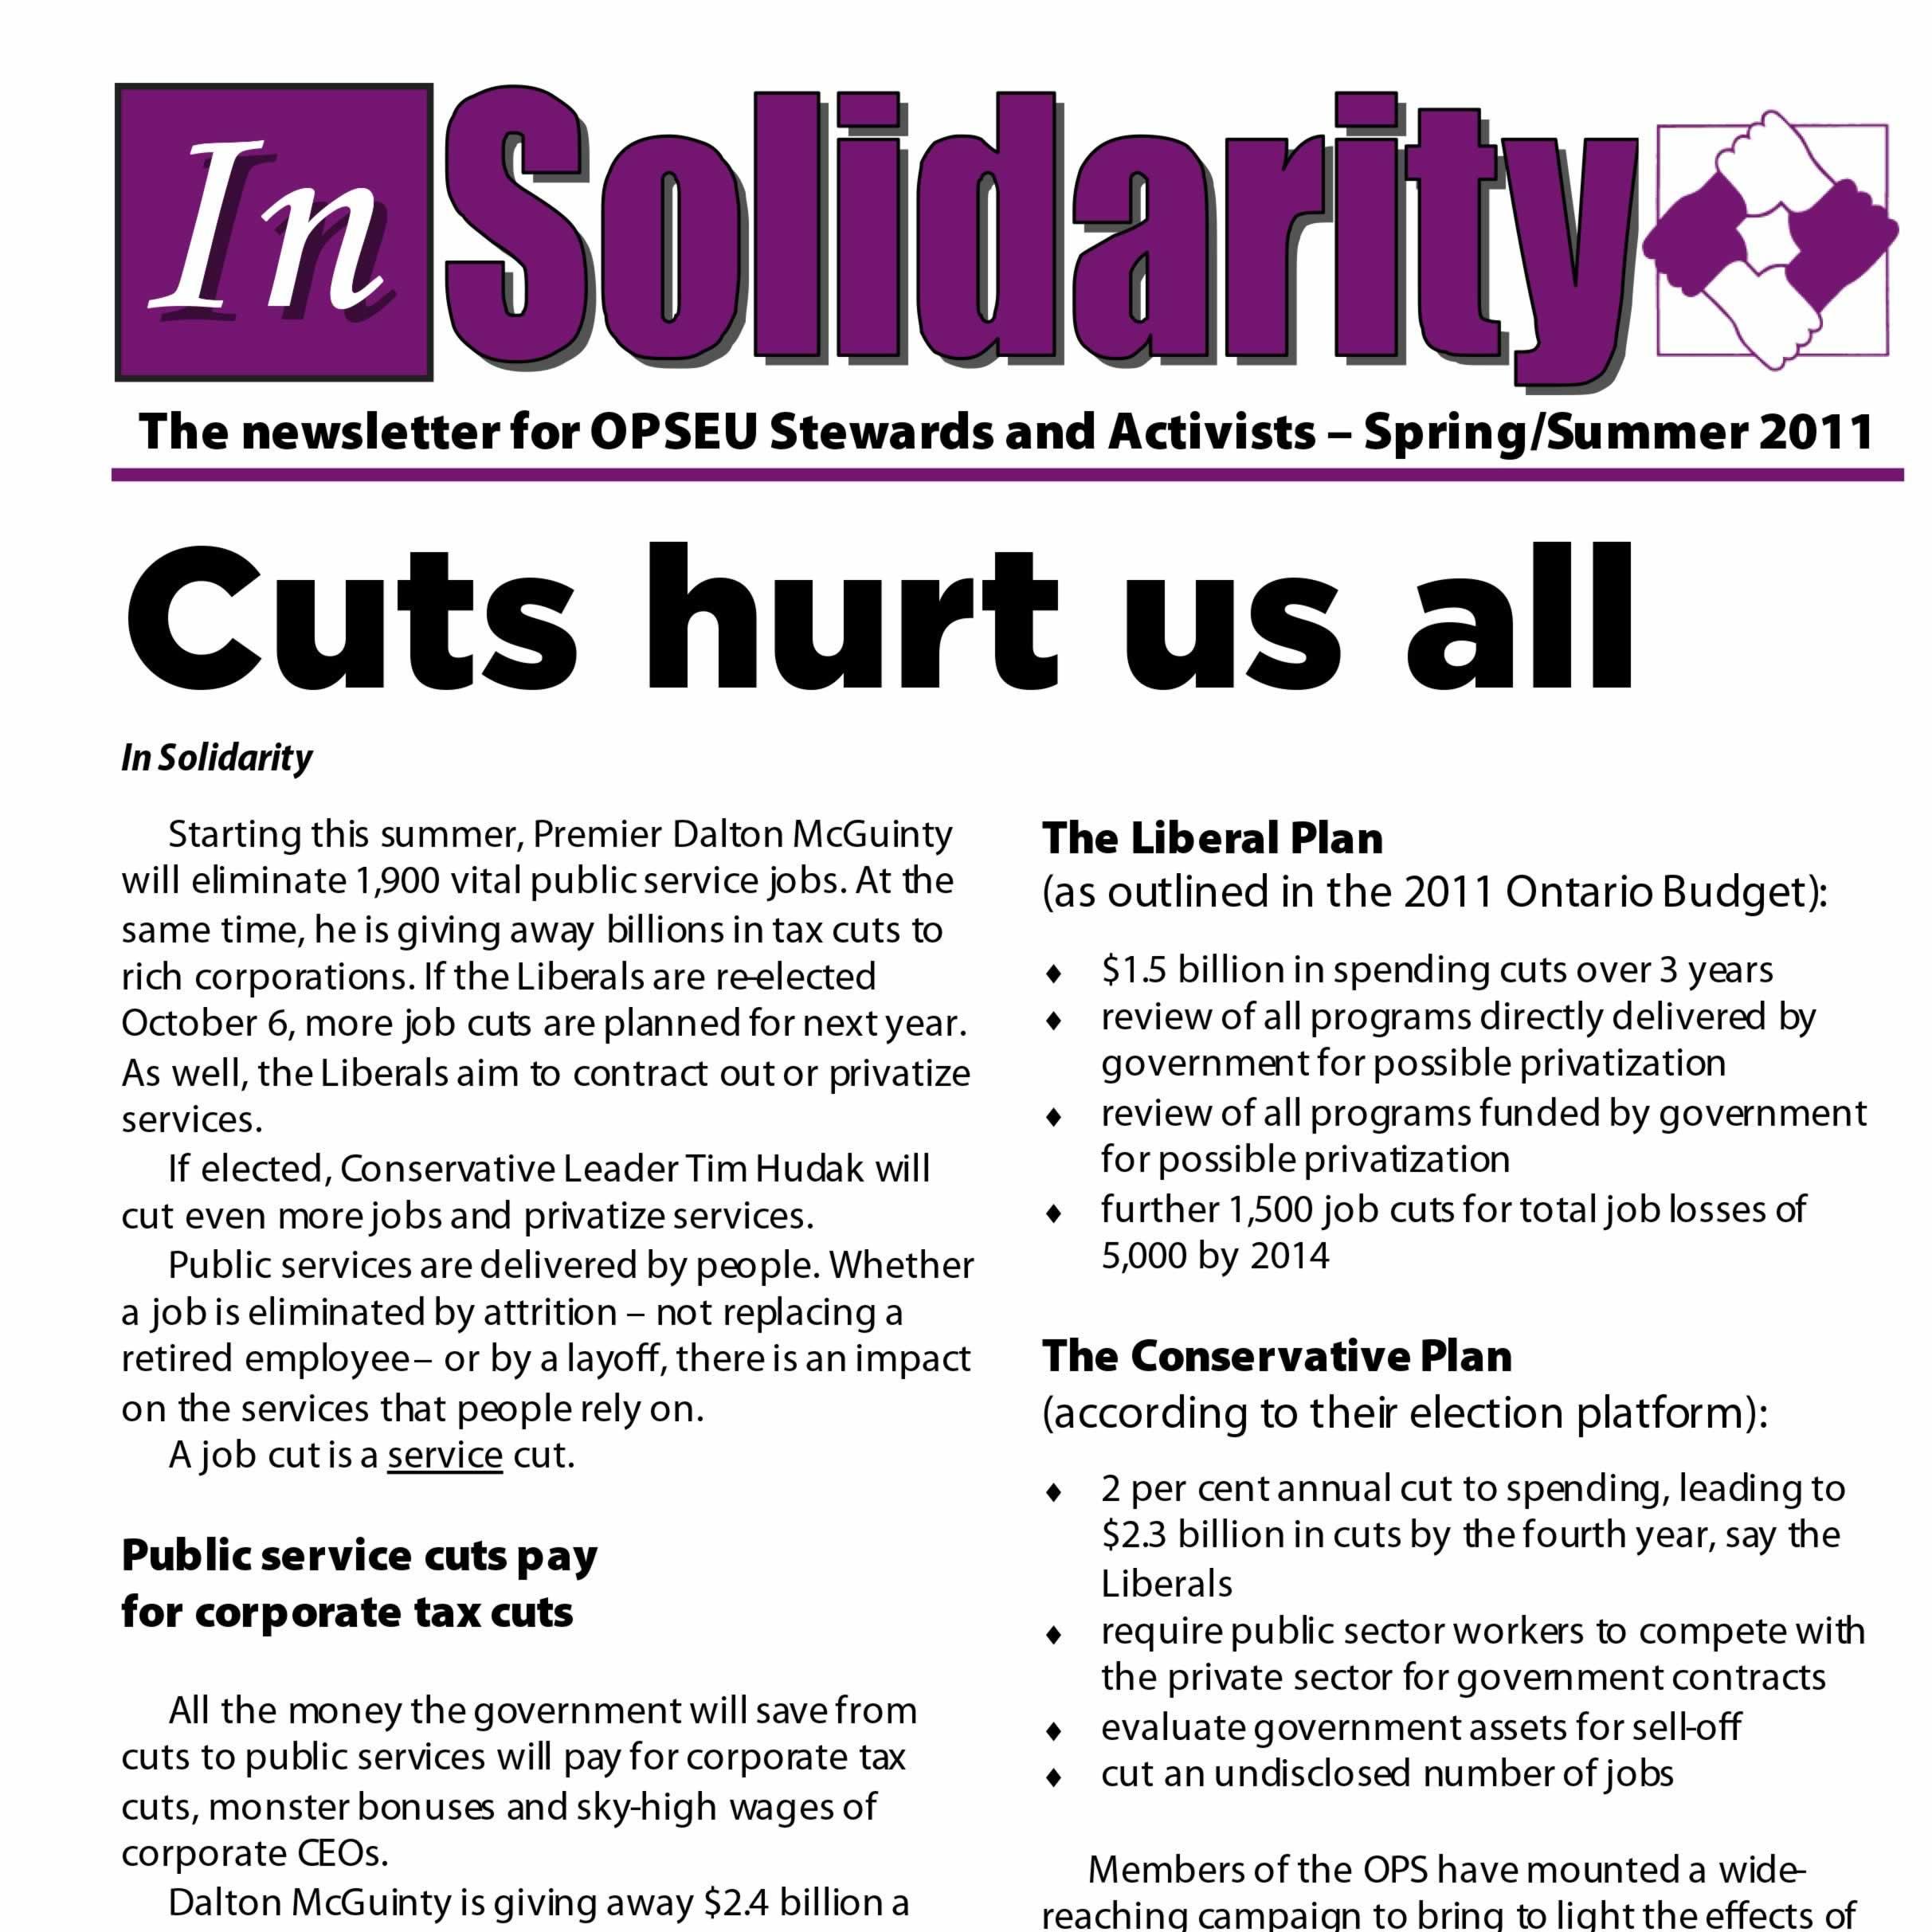 In Solidarity Spring/Summer 2011